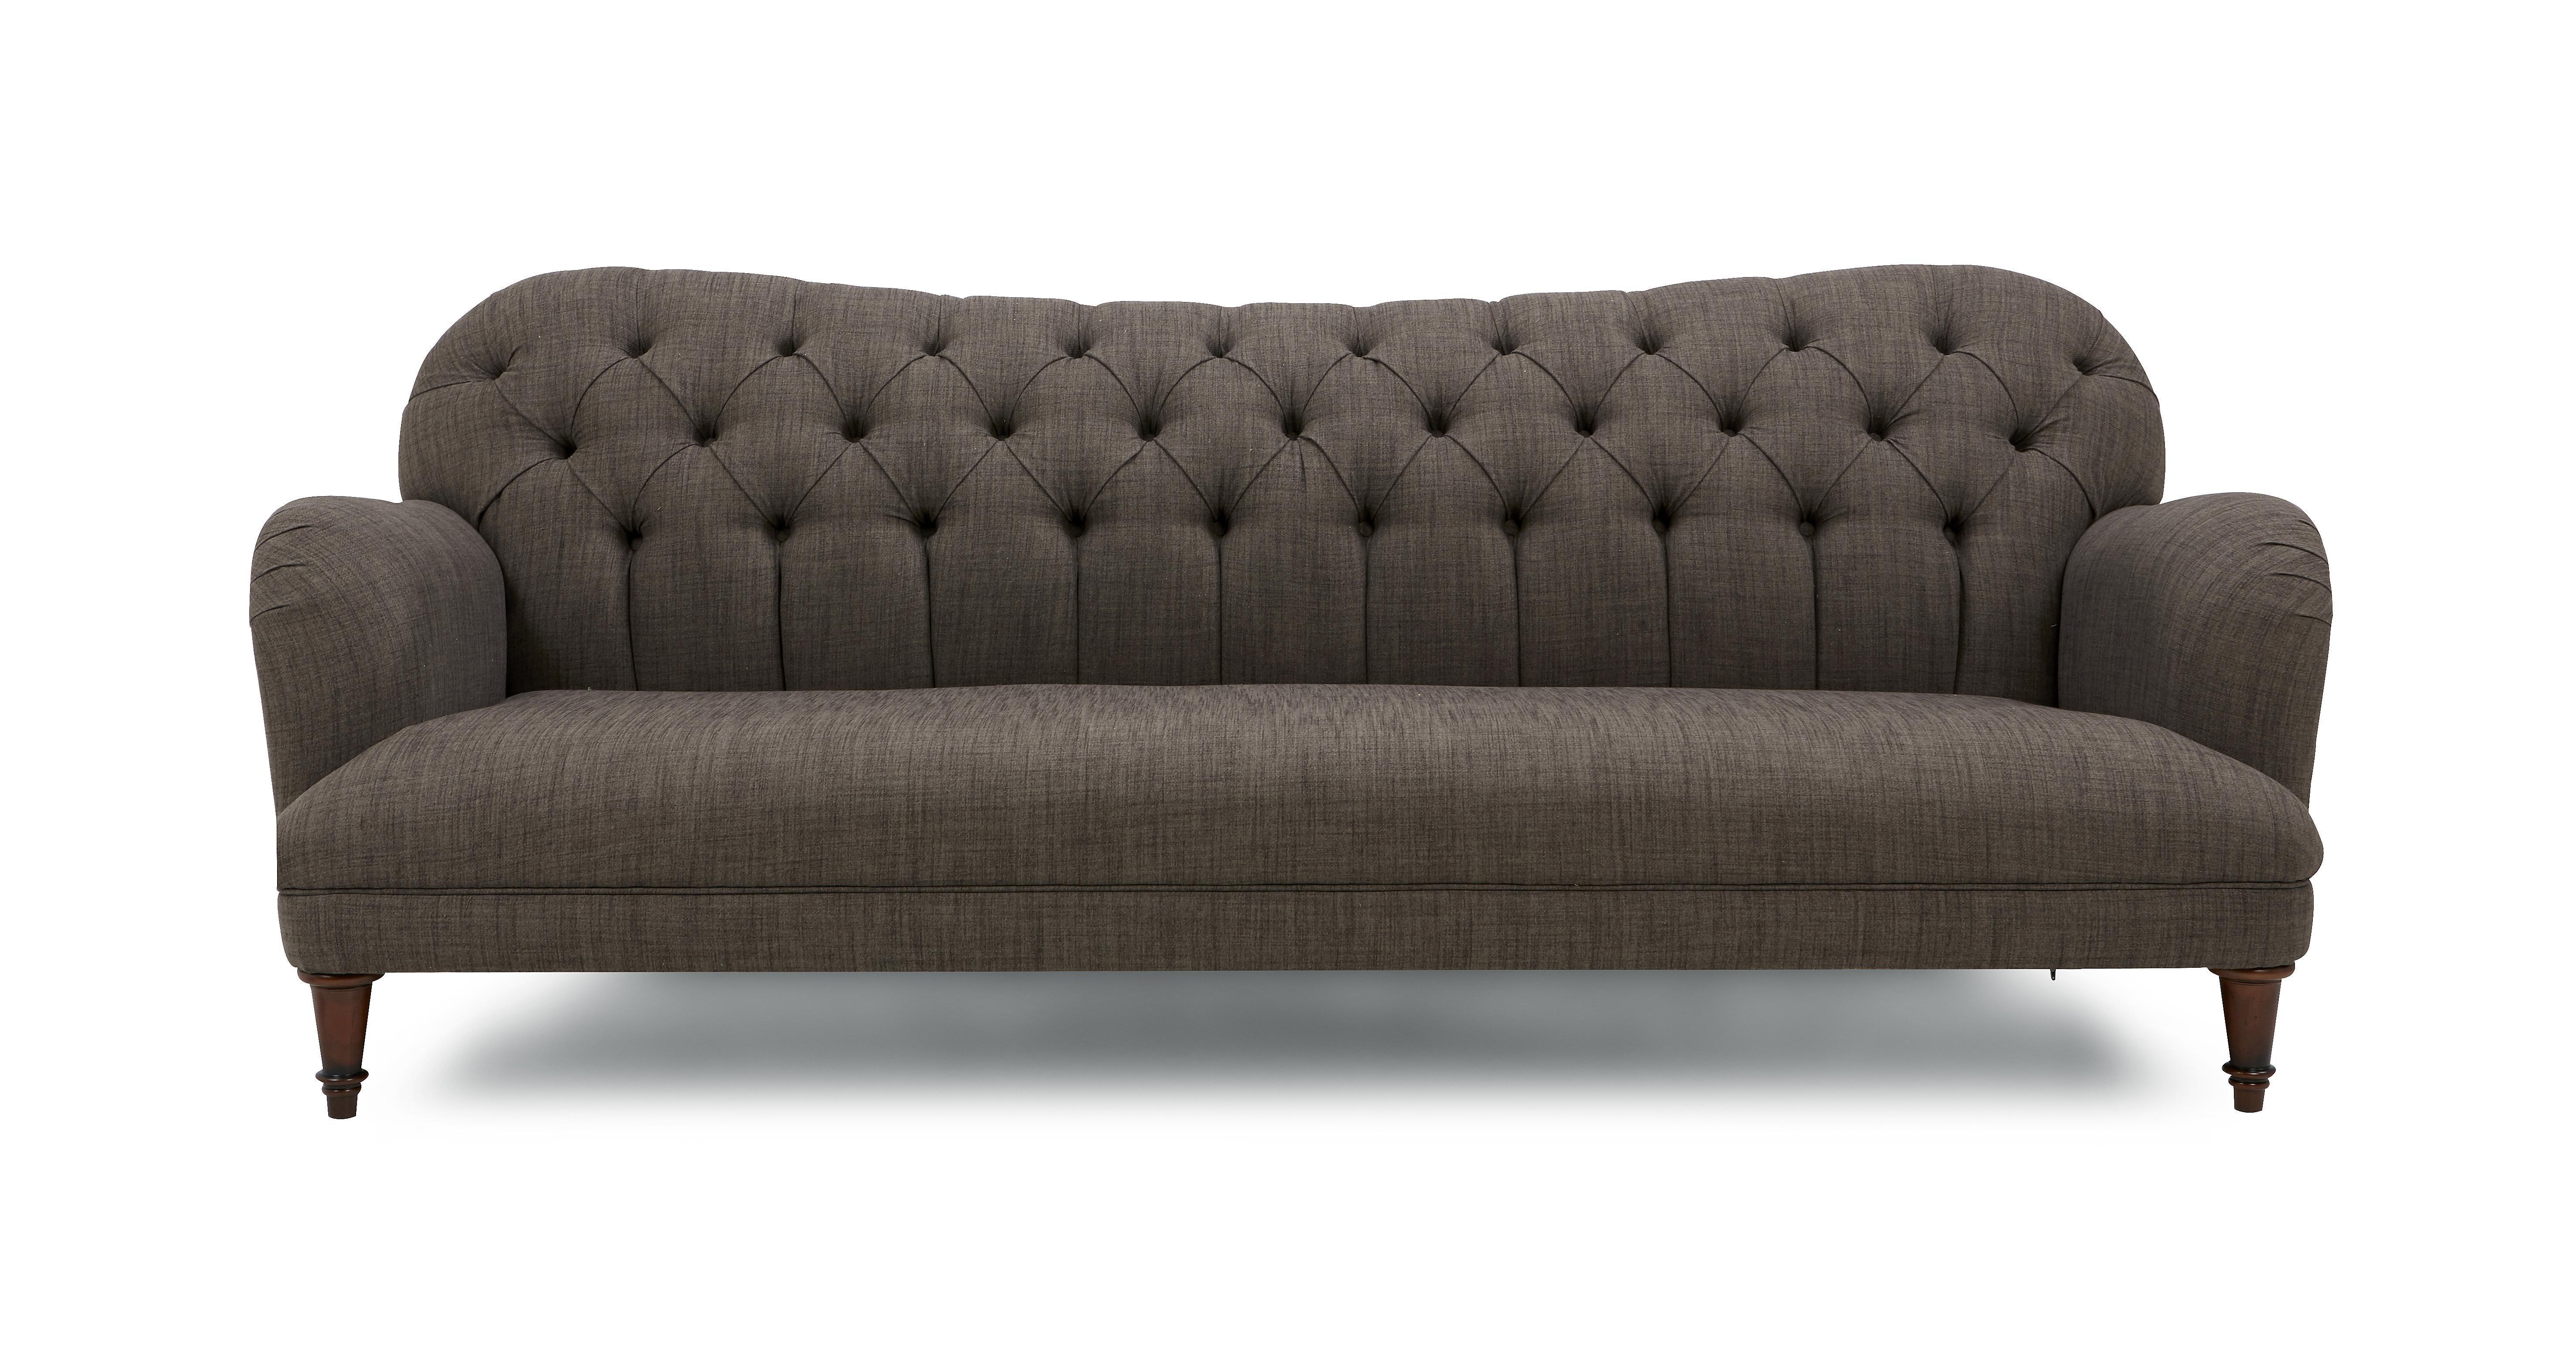 Burford: Large Sofa